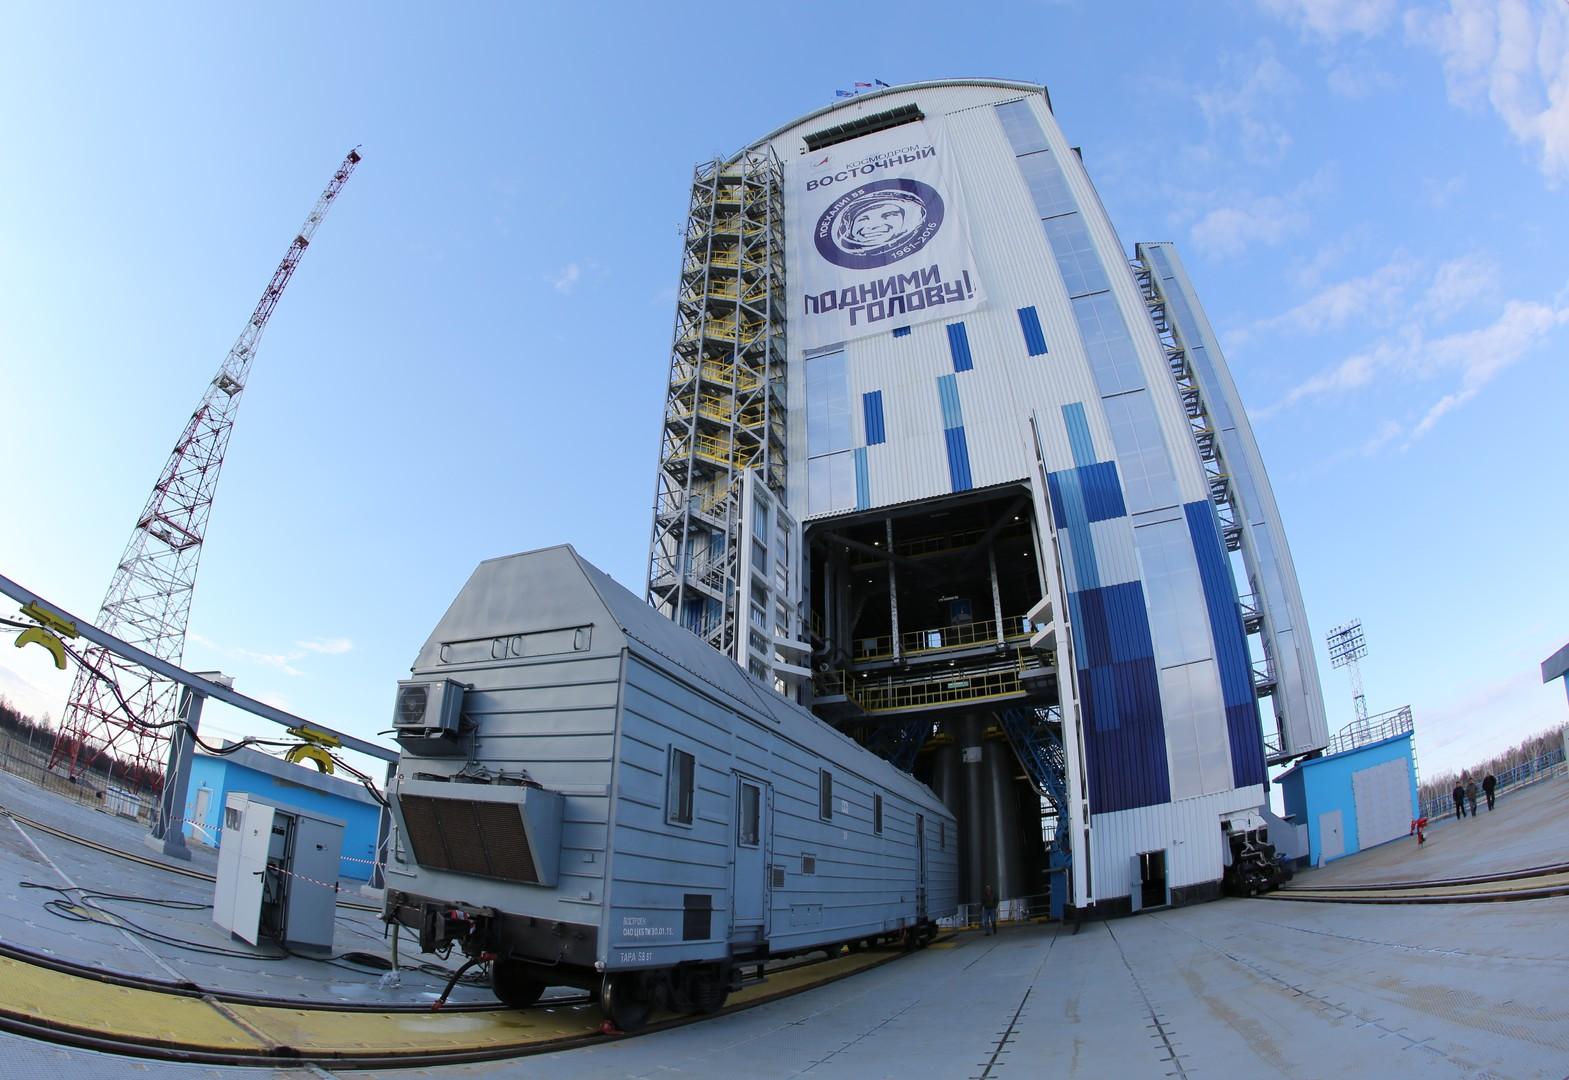 Le premier lancement historique depuis le cosmodrome de Vostotchny a été repoussé